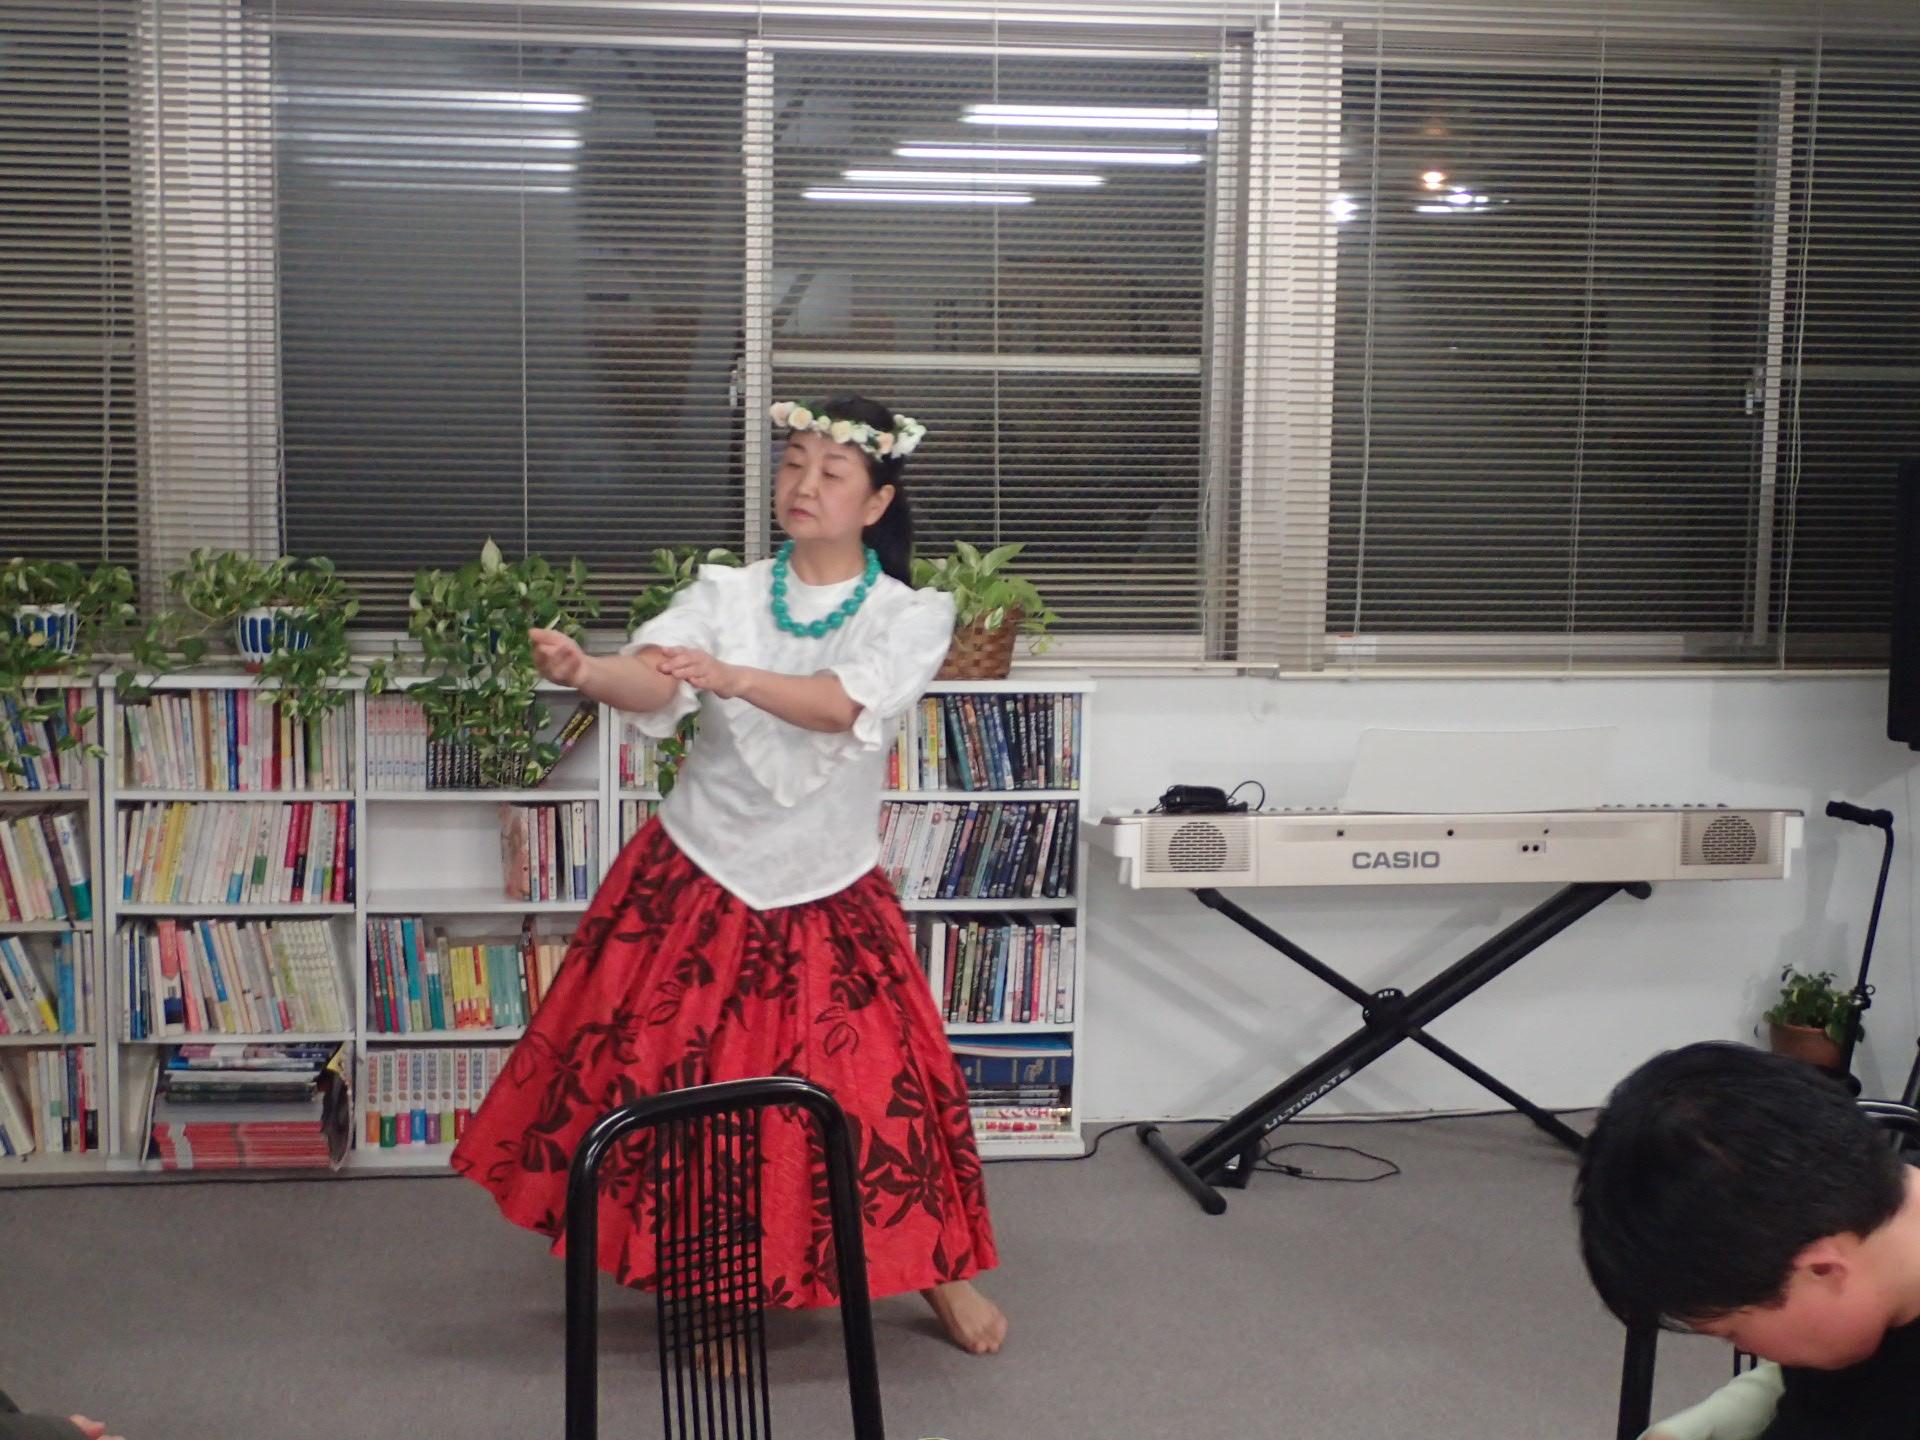 啓子さんのフラダンス。オリジナルの振り付け優雅です!